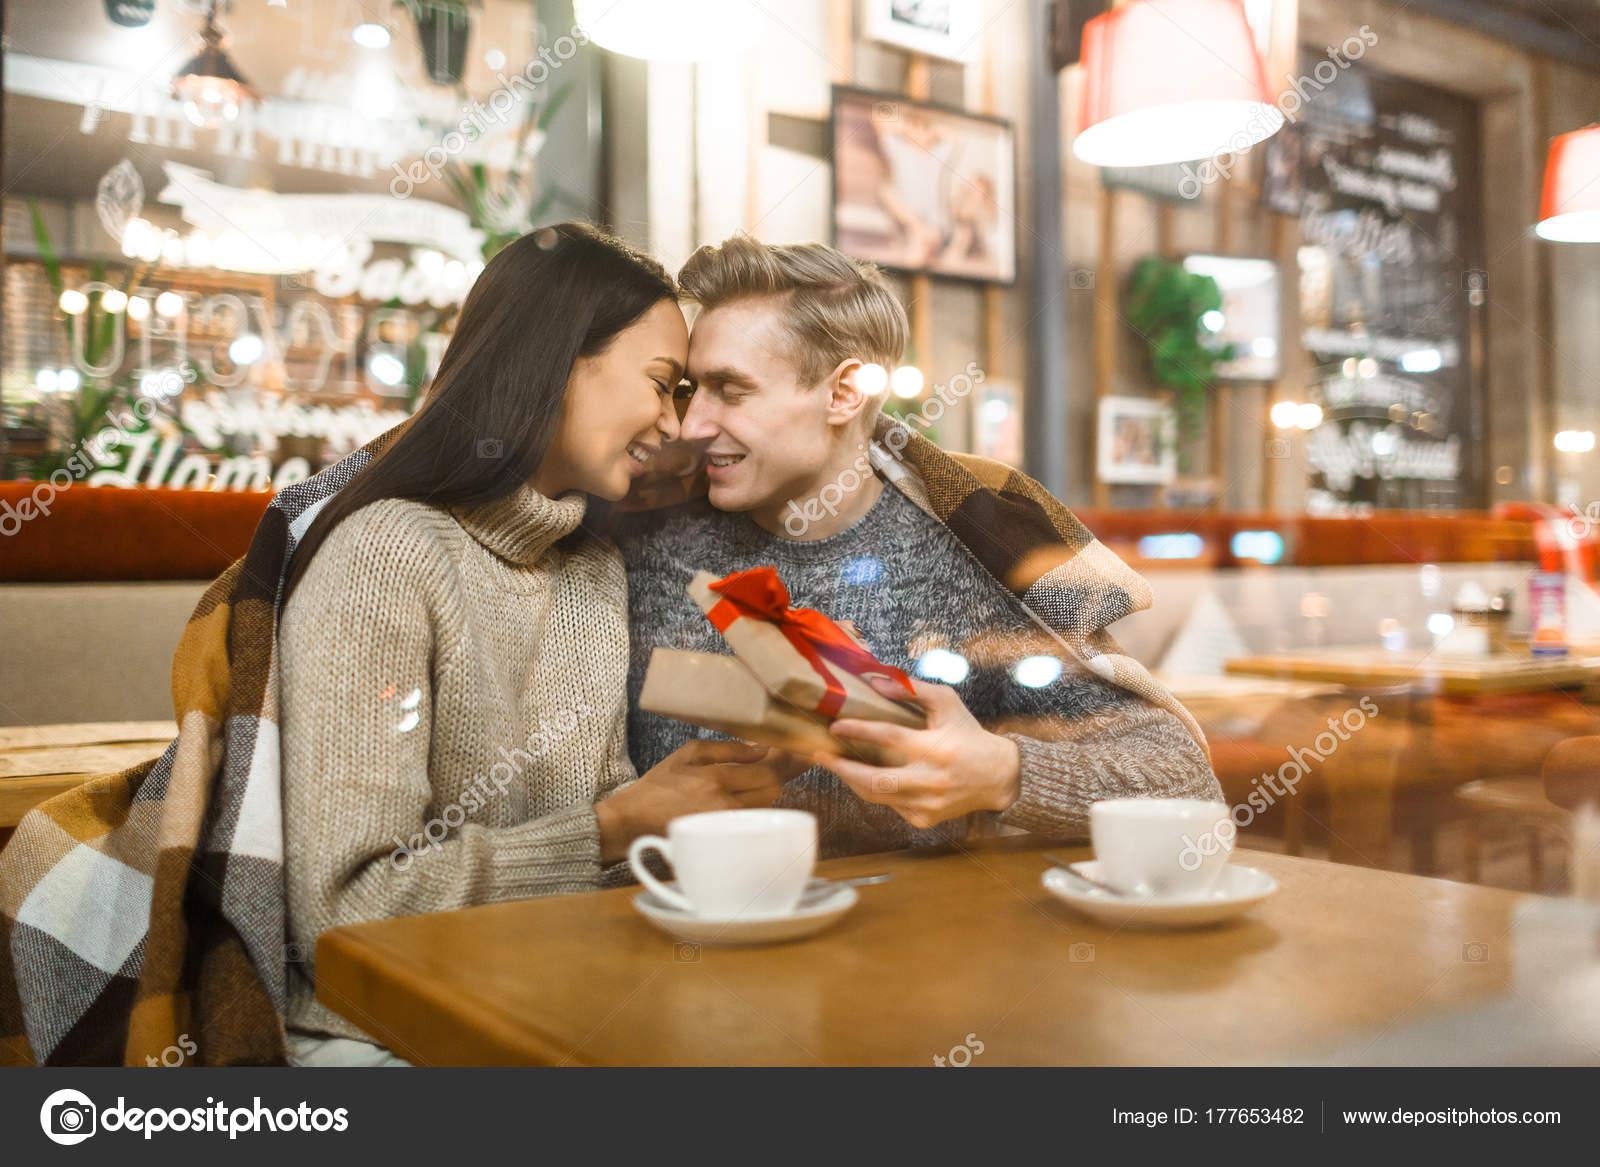 Rencontre pour couple rencontres gay lorraine rencontrer homme vie